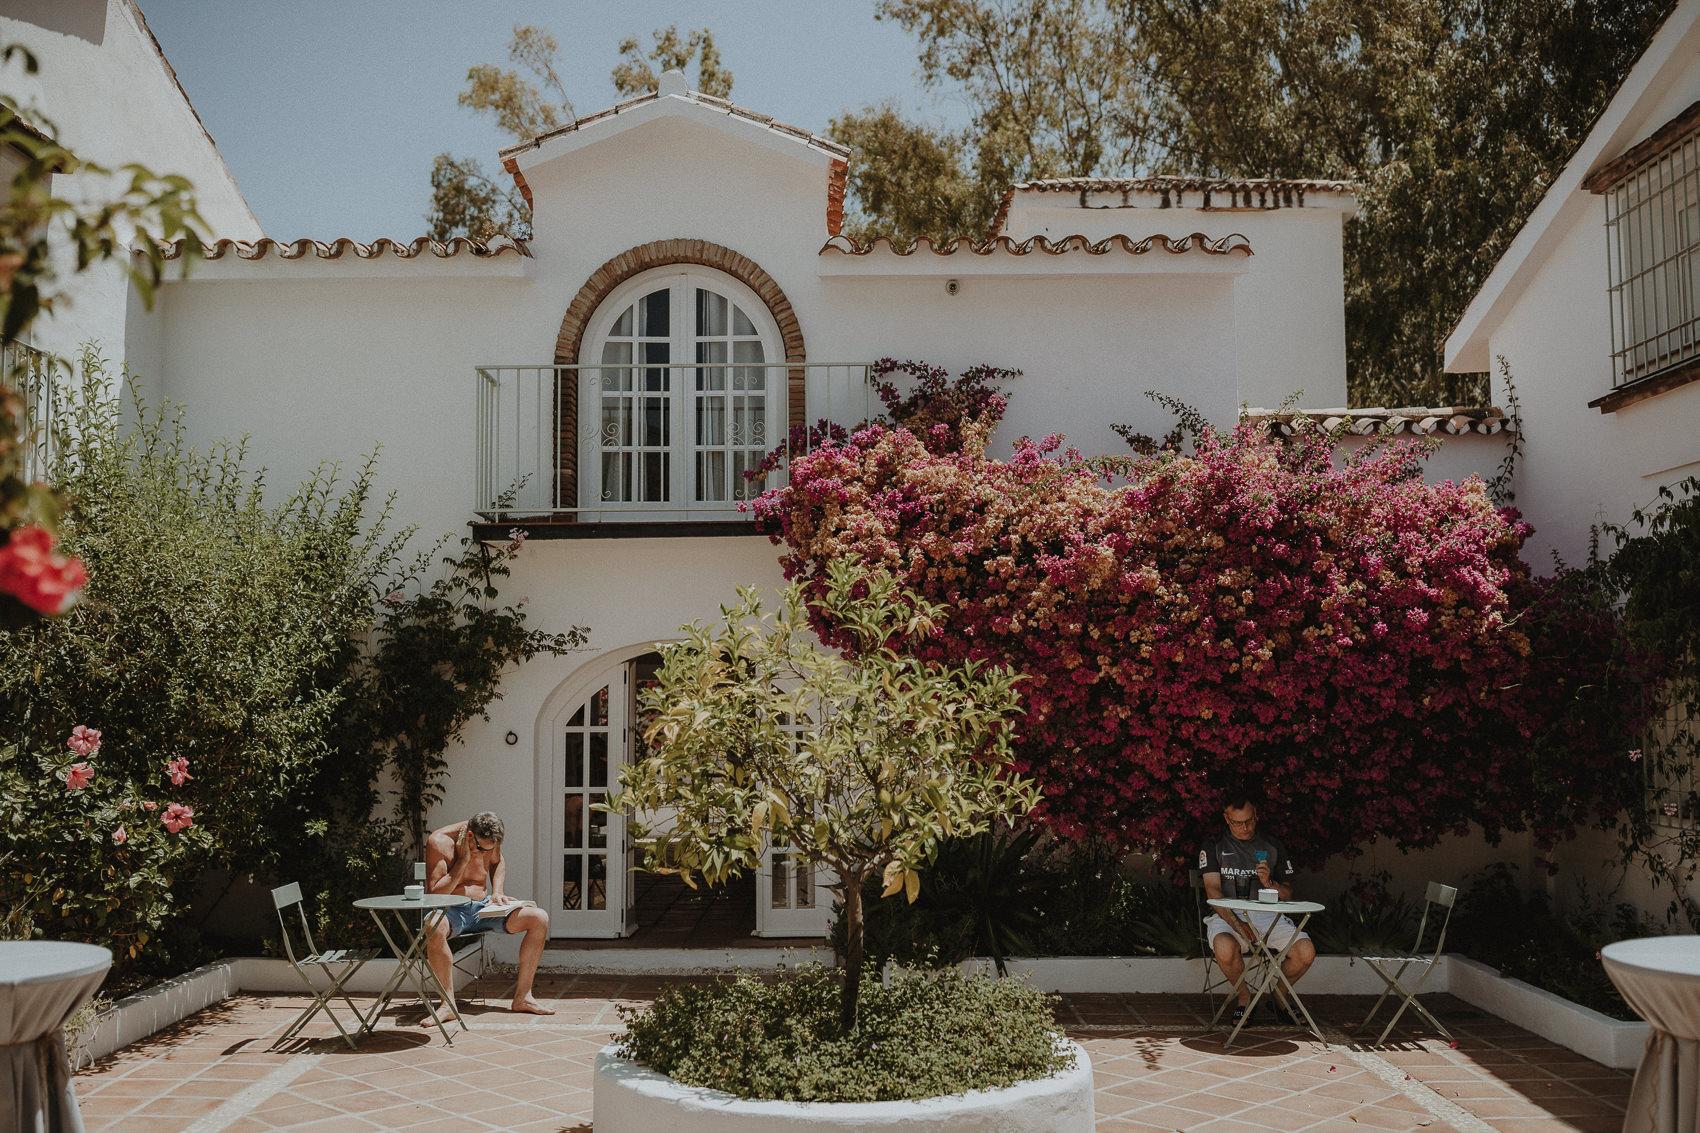 Sarah & Bill | Summer wedding at Cortijo Rosa Blanca | Marbella - Spain 1